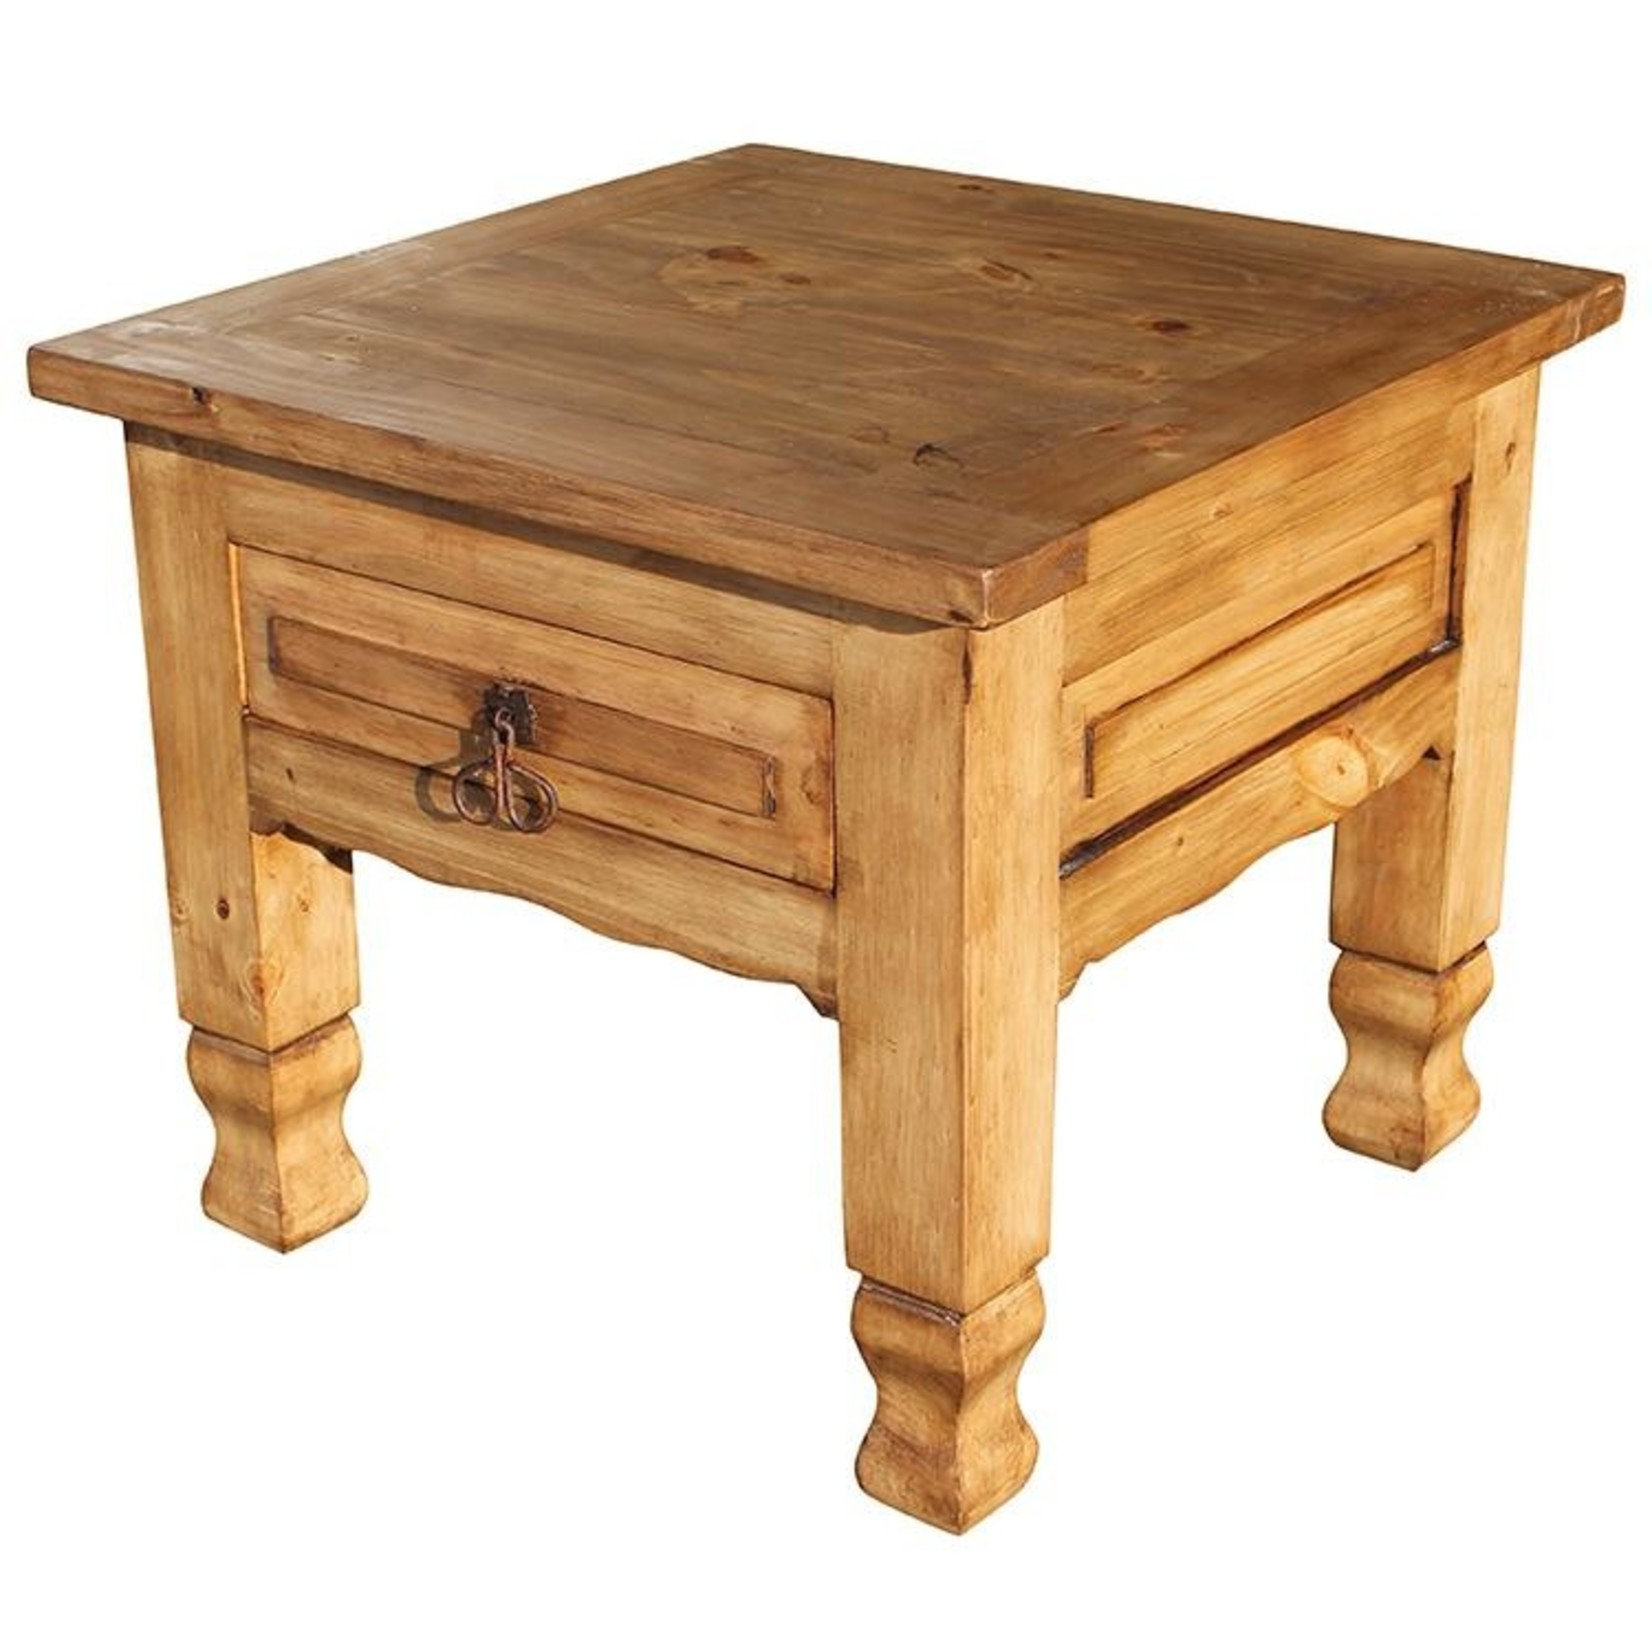 Keko End Table